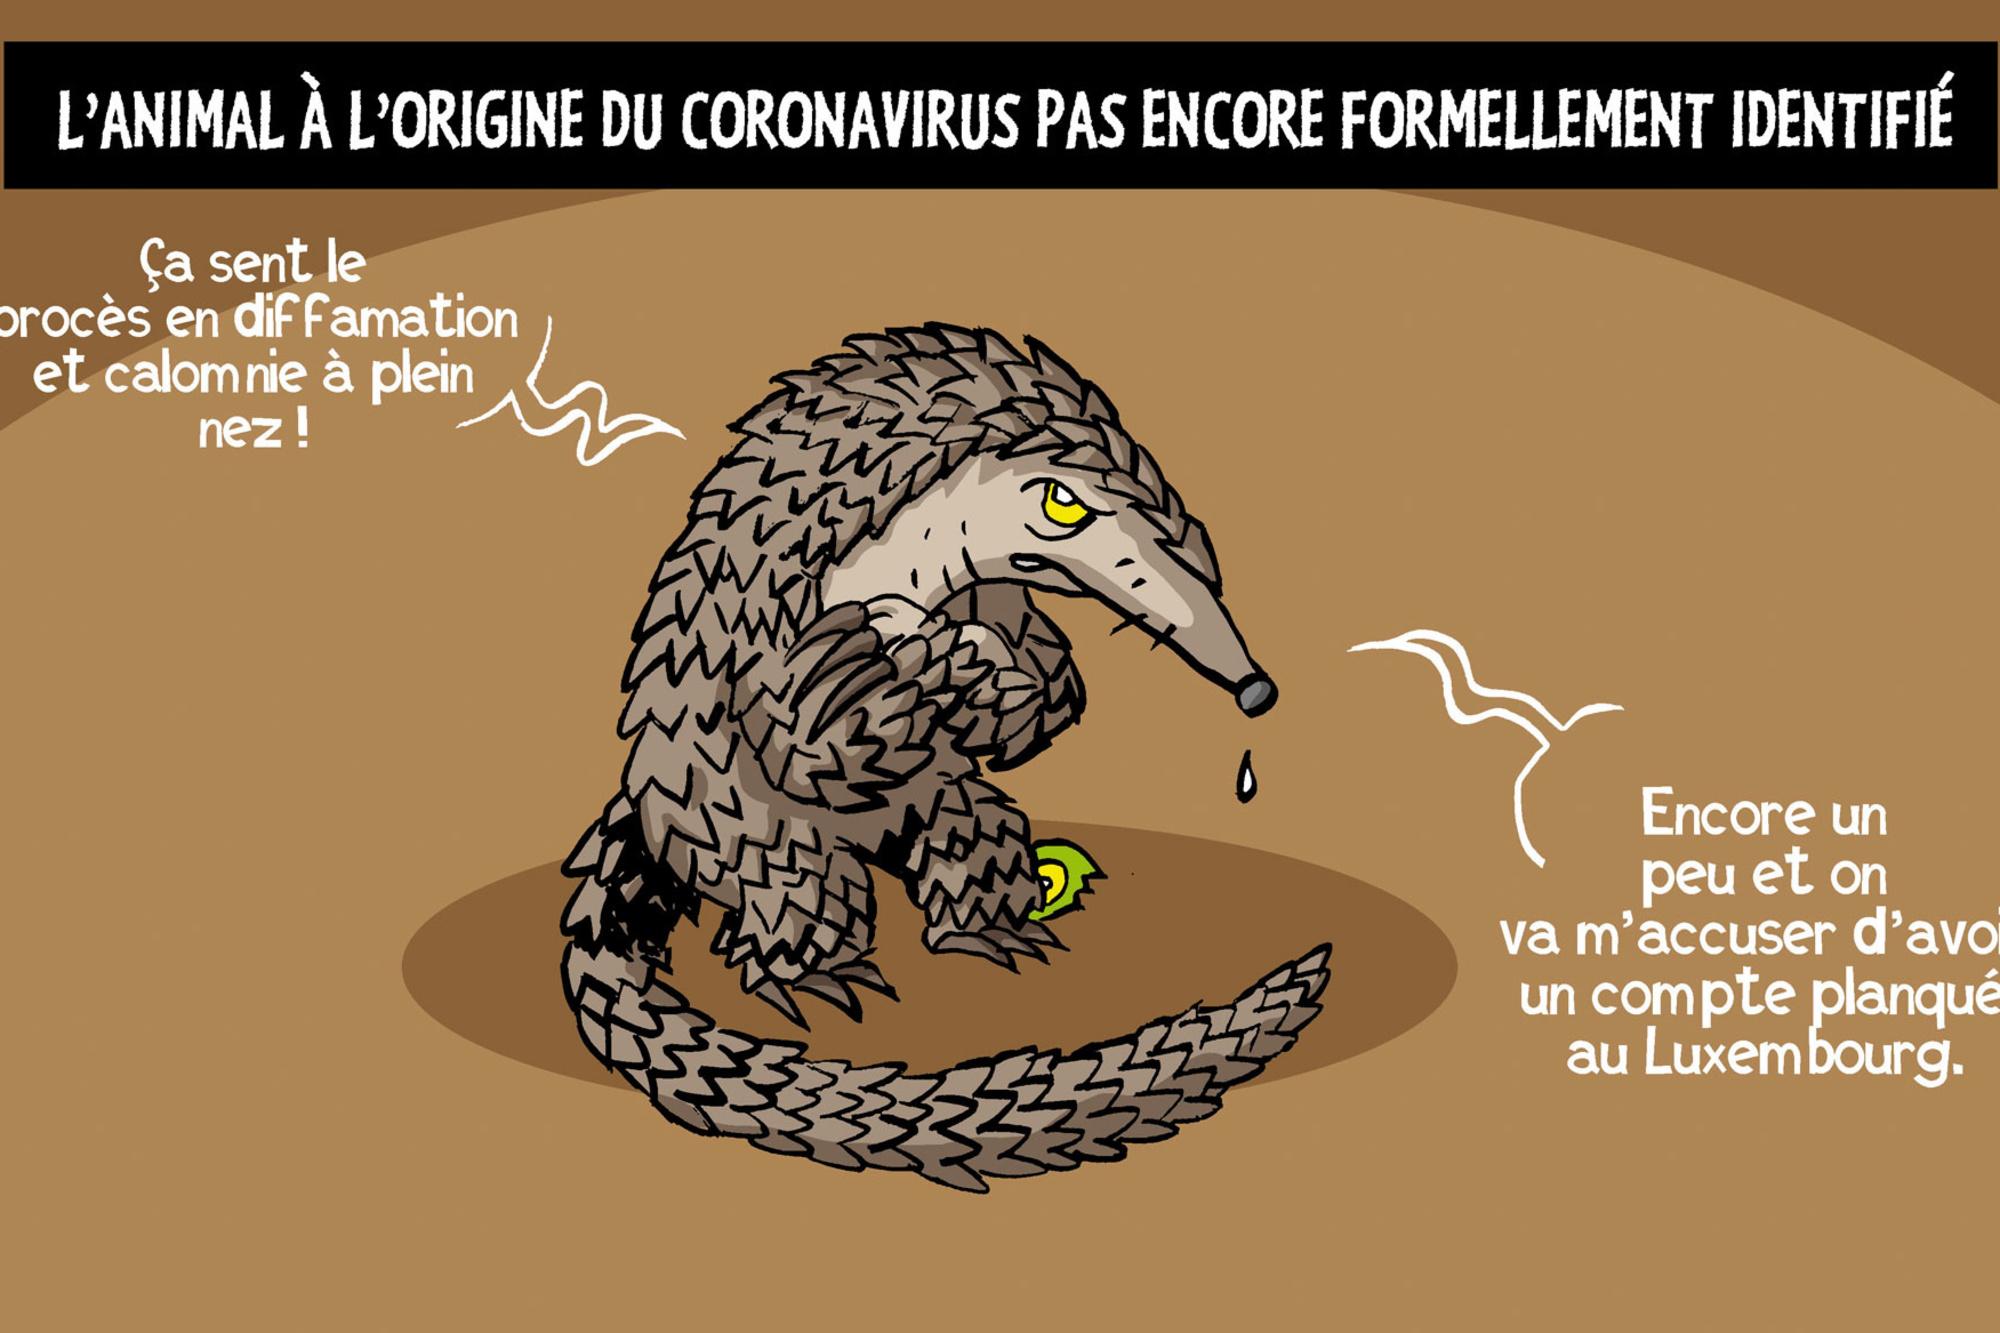 Pour l'OMS, le pangolin n'est pas forcément à l'origine du coronavirus., Vadot